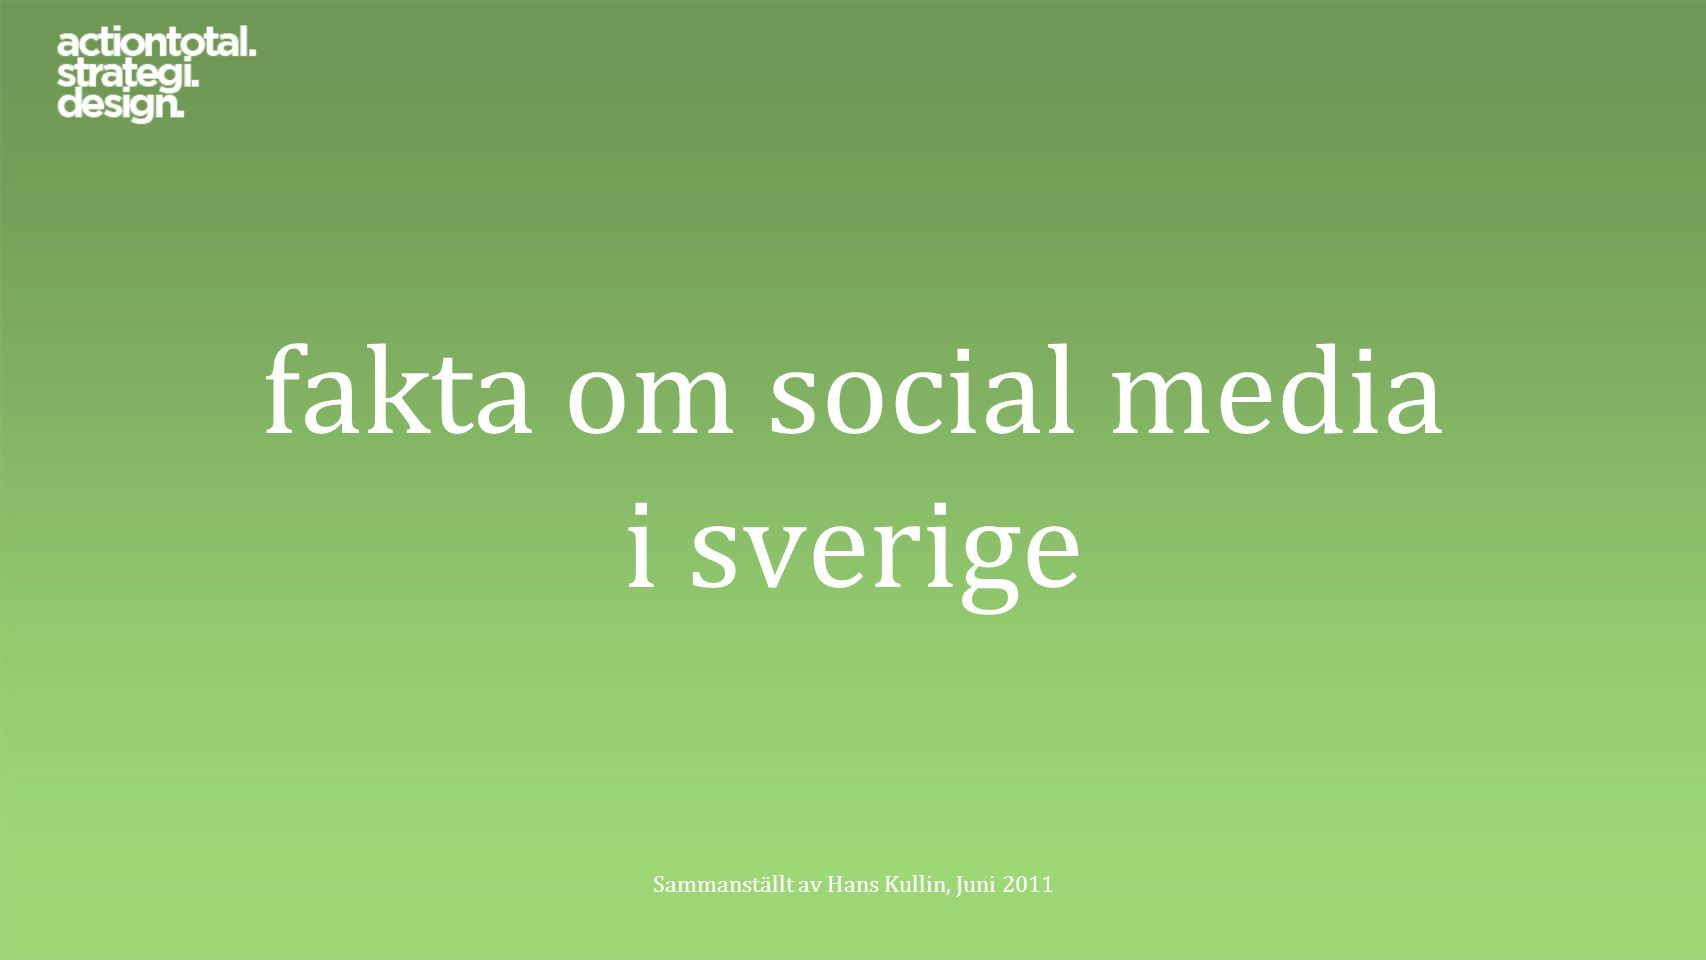 fakta om social media i sverige Sammanställt av Hans Kullin, Juni 2011